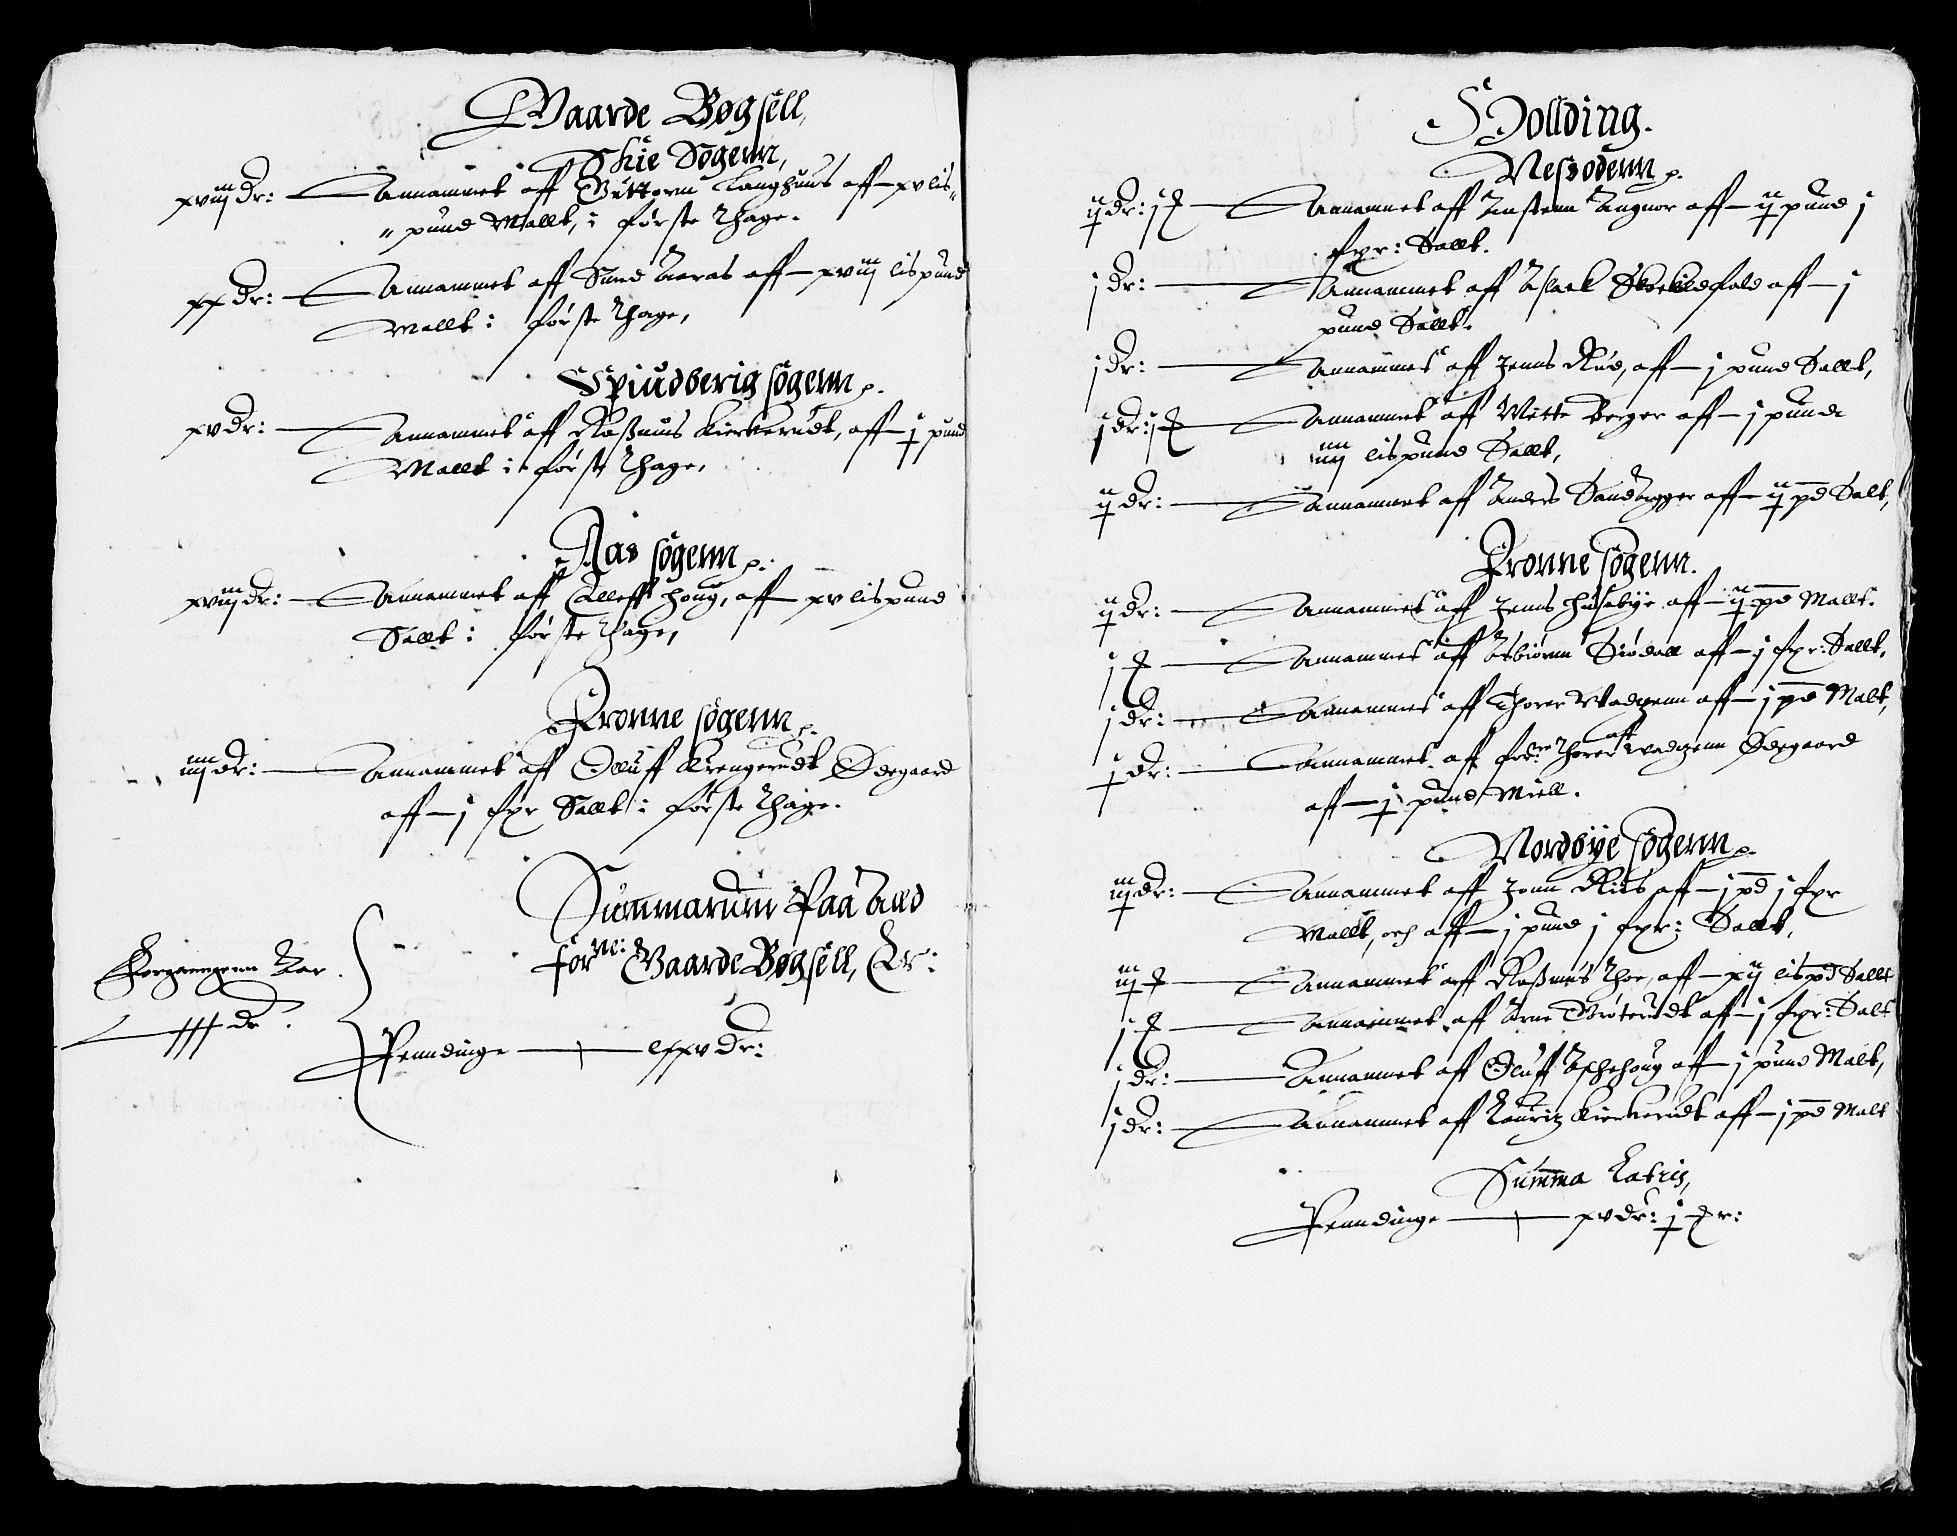 RA, Rentekammeret inntil 1814, Reviderte regnskaper, Lensregnskaper, R/Rb/Rba/L0051: Akershus len, 1619-1620